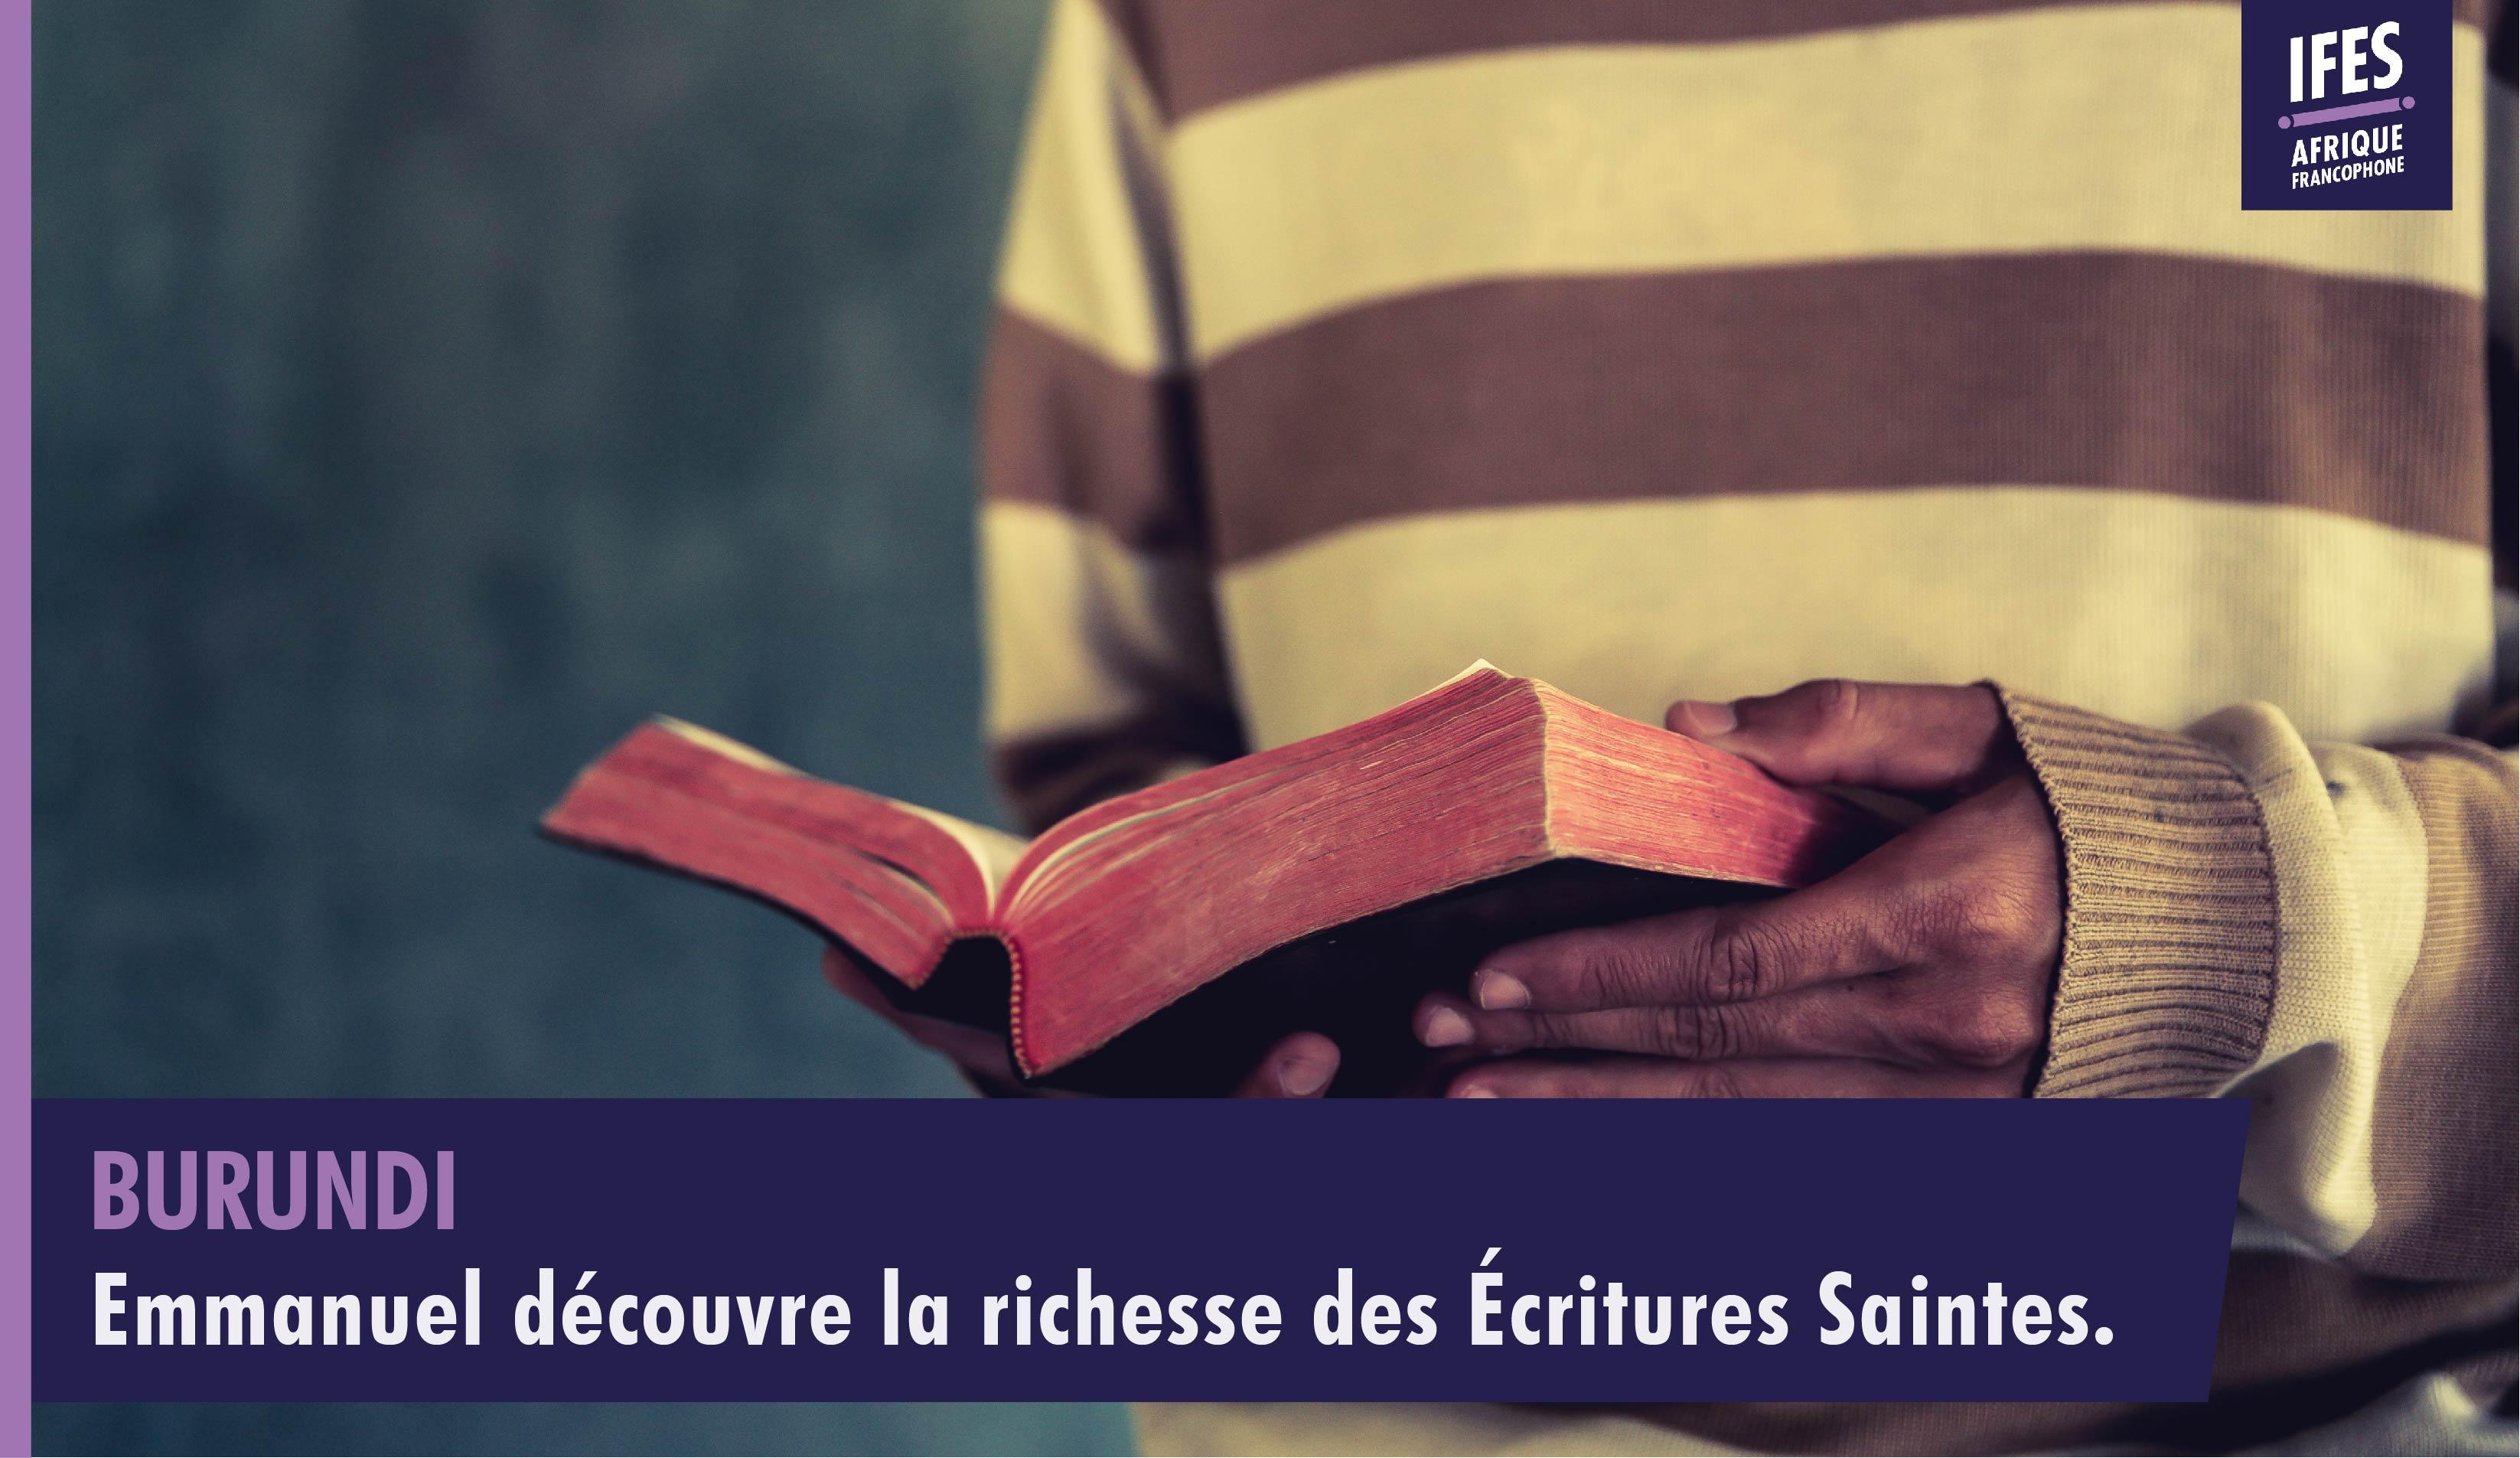 Emmanuel découvre la richesse des Écritures Saintes.